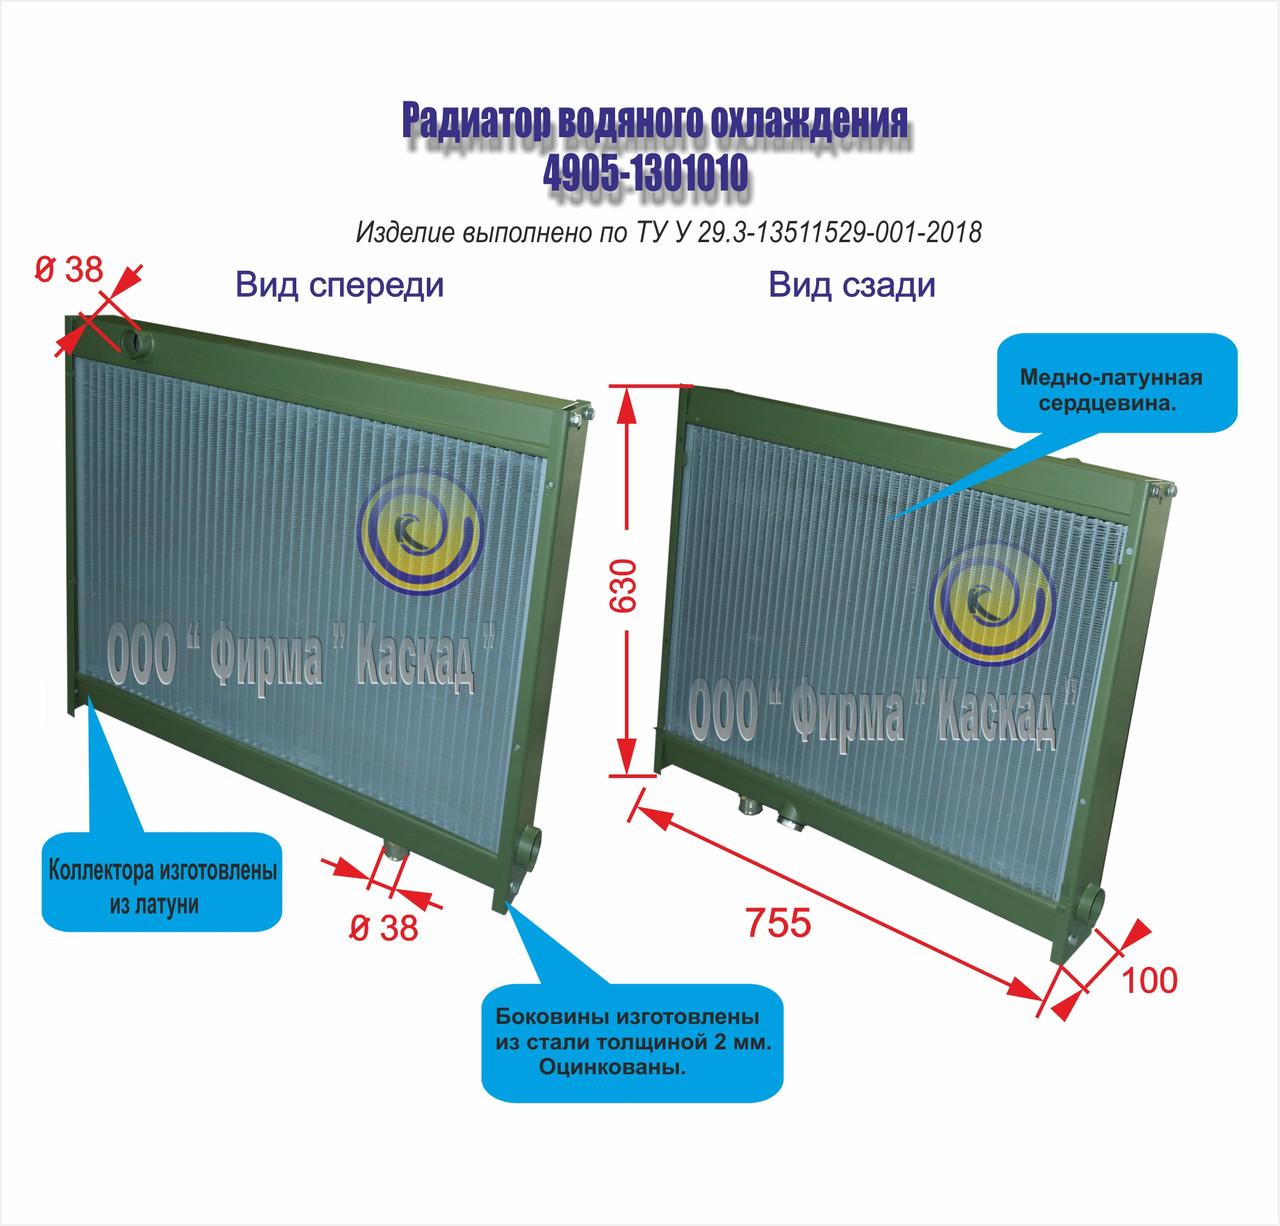 Радиатор водяной 4905-1301010